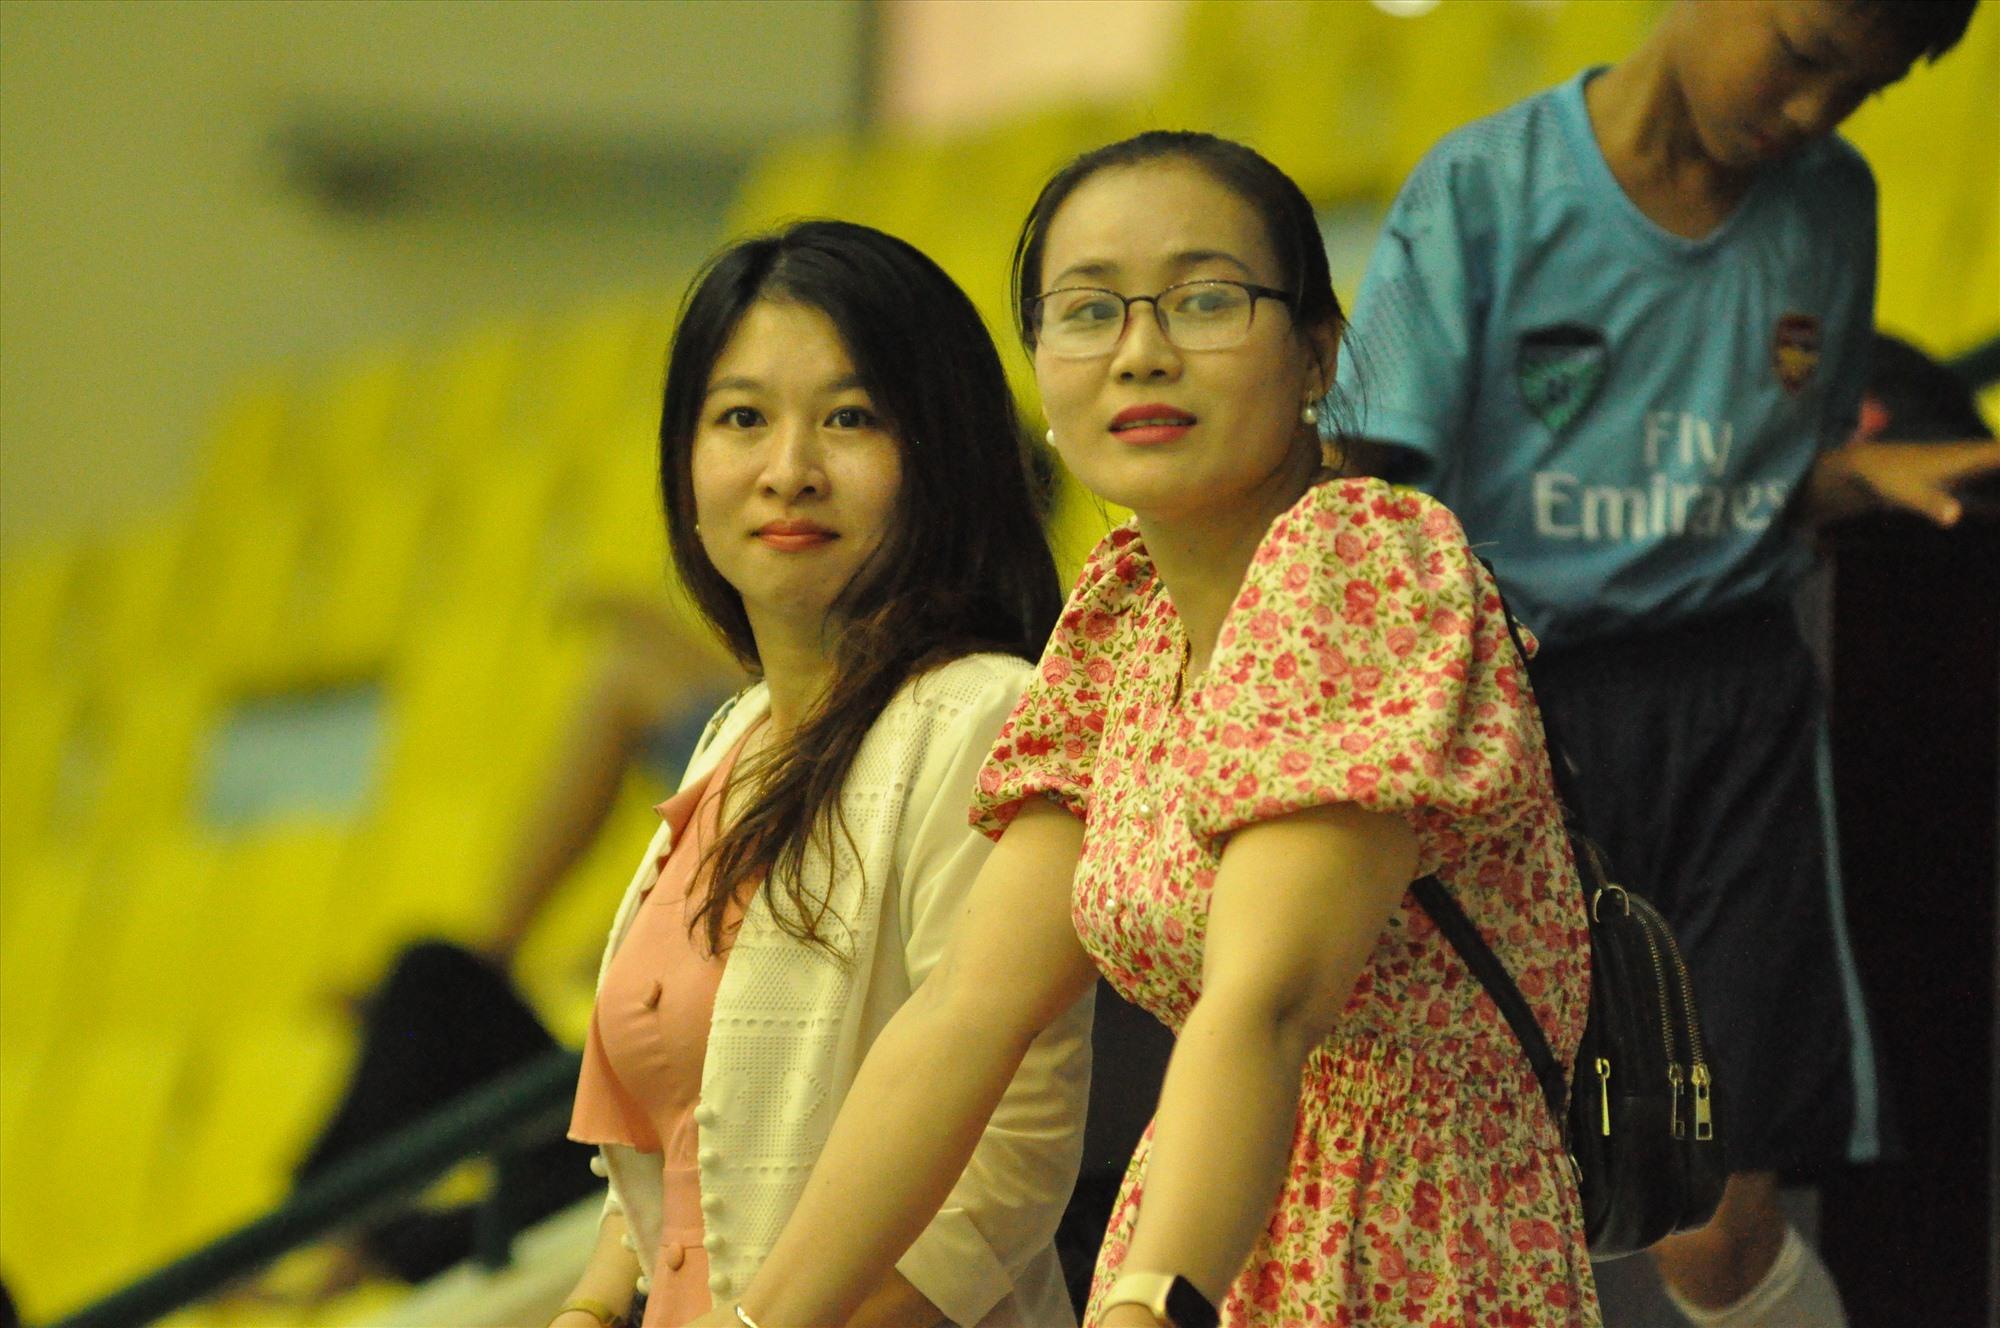 Trên khán đài, rất đông người hâm mộ, khán giả kể cả bậc phụ huynh đến sân theo dõi, động viên con thi đấu. Ảnh: X.P